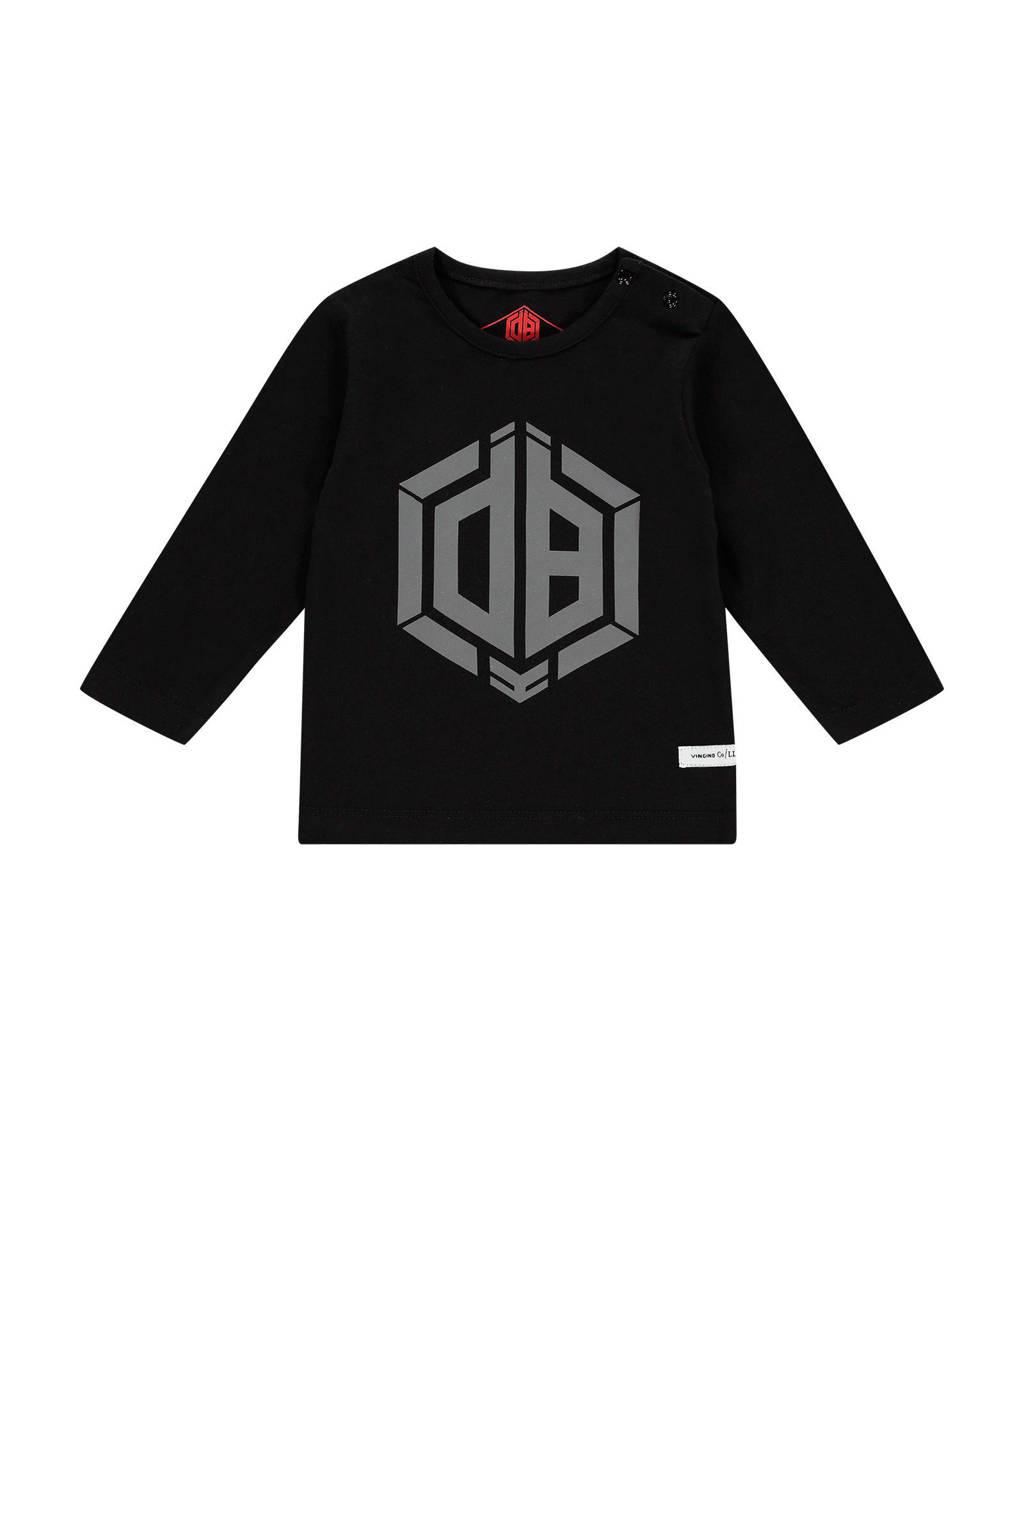 Vingino Daley Blind longsleeve Jaqua met logo zwart/grijs, Zwart/grijs